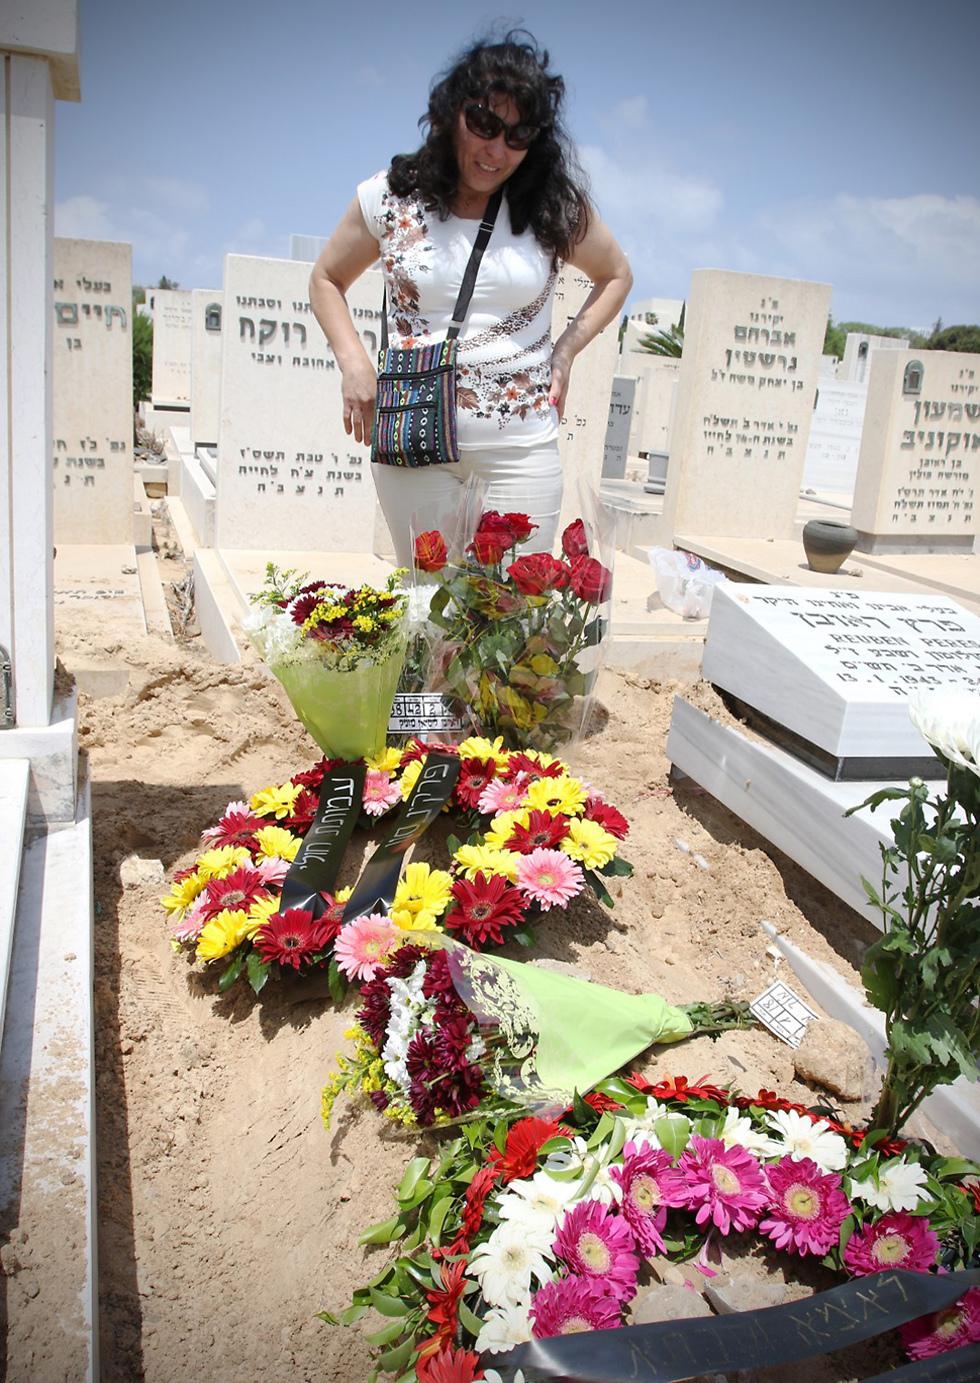 קברה של לילי בחולון (צילום: אבי מועלם) (צילום: אבי מועלם)